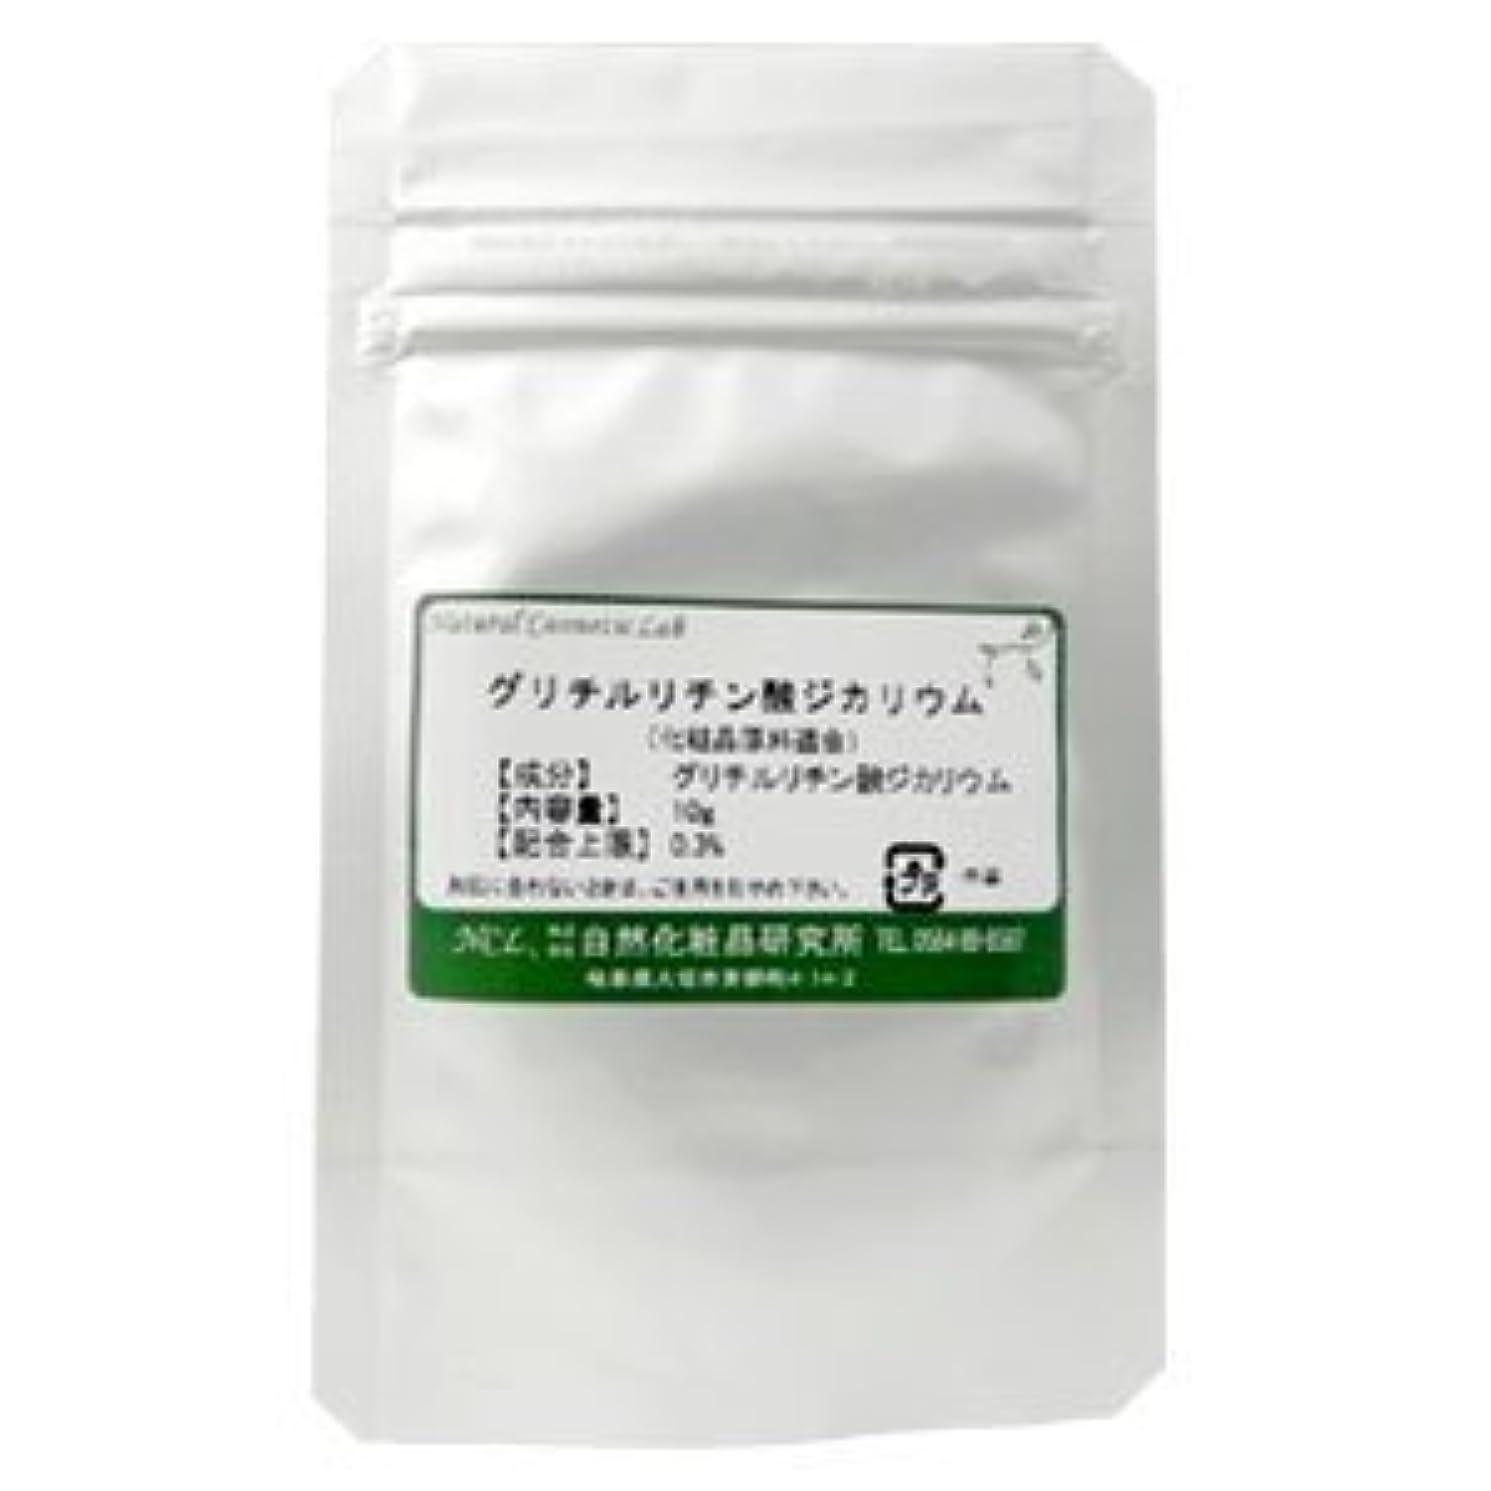 同行幸運取るグリチルリチン酸ジカリウム (グリチルリチン酸2K) カンゾウ(甘草) 10g 【手作り化粧品原料】